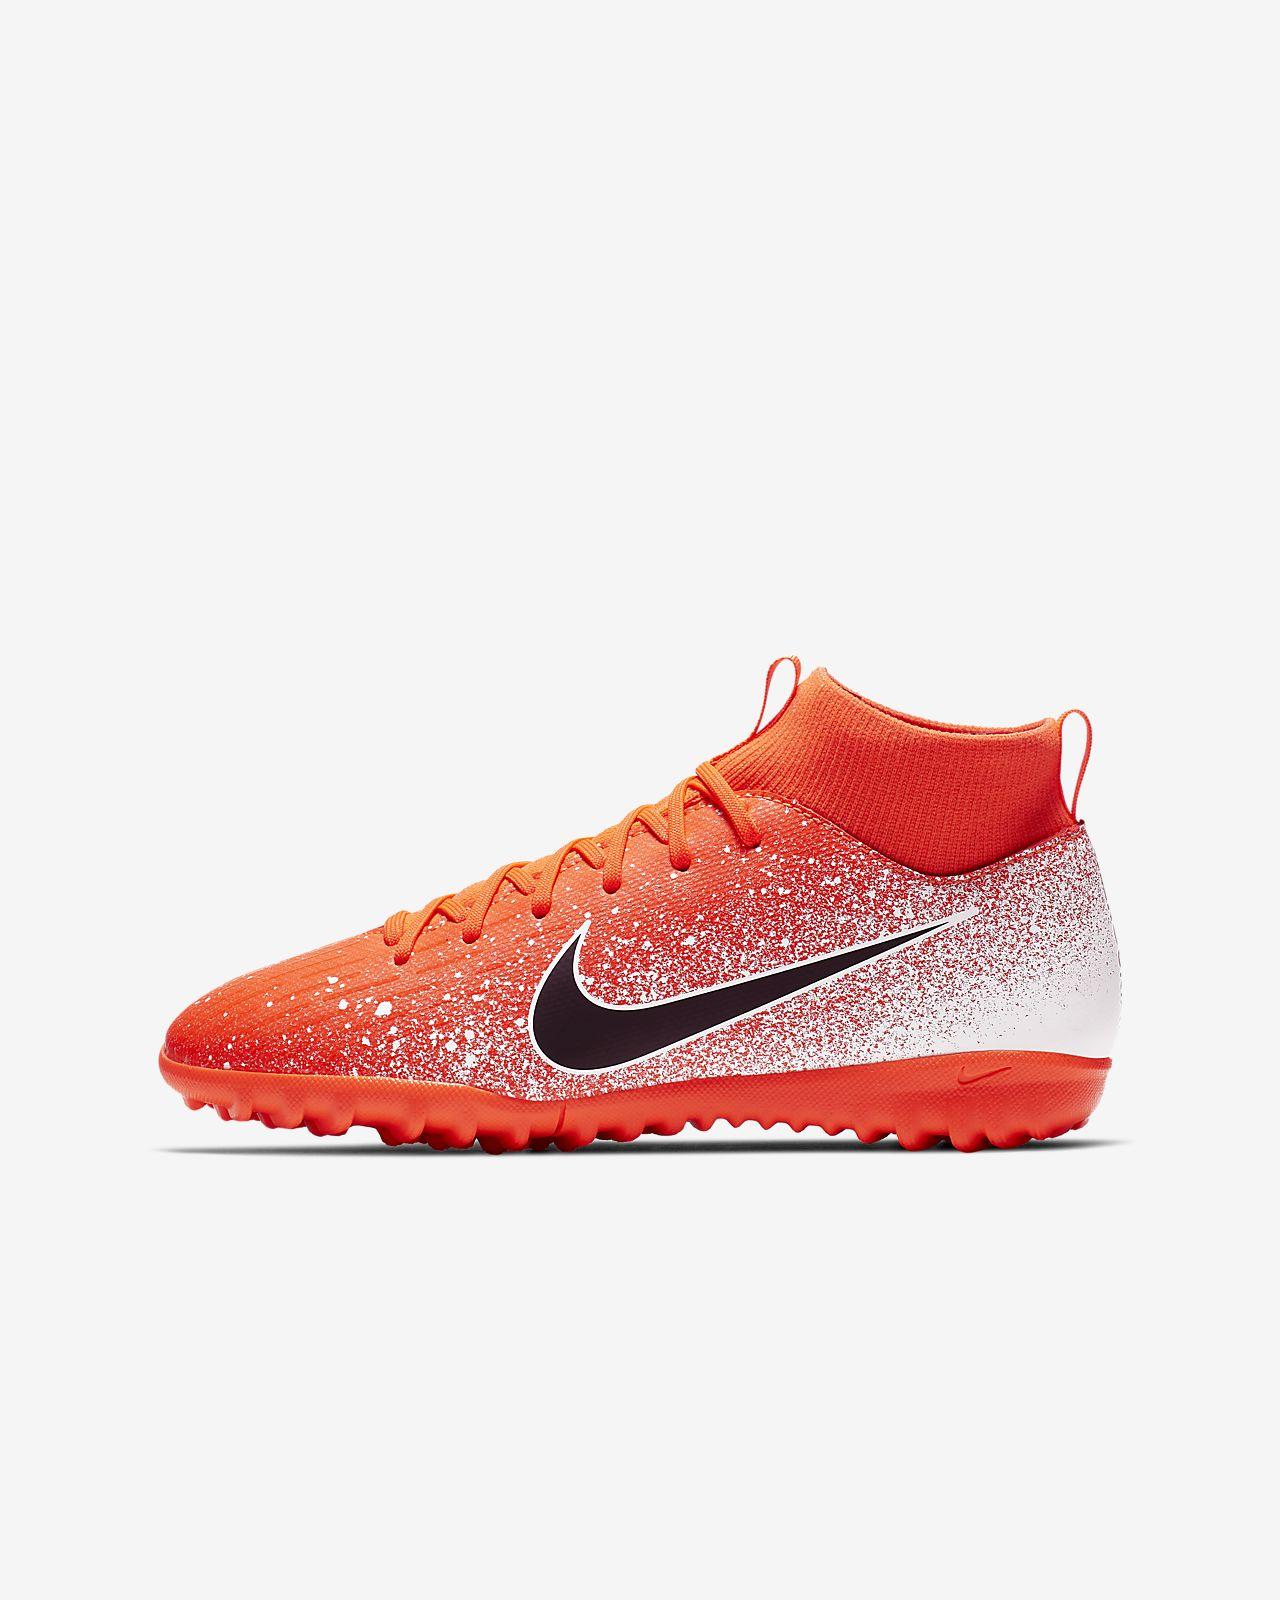 300f86fd ... Футбольные бутсы для игры на искусственном газоне для  дошкольников/школьников Nike Jr. SuperflyX 6